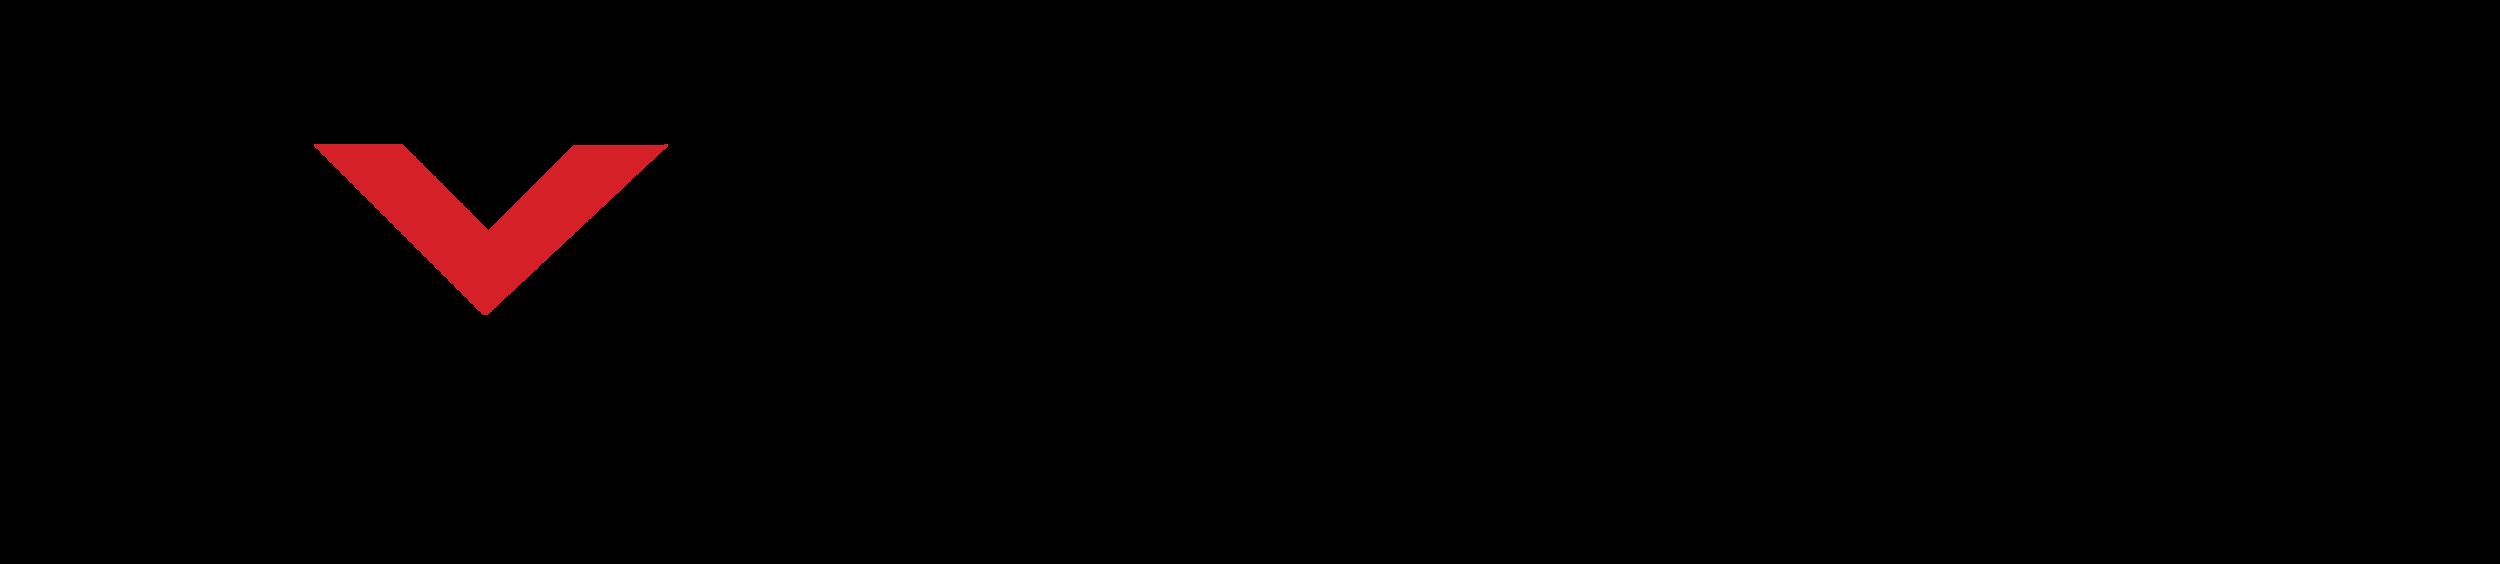 engage-logo-18.png